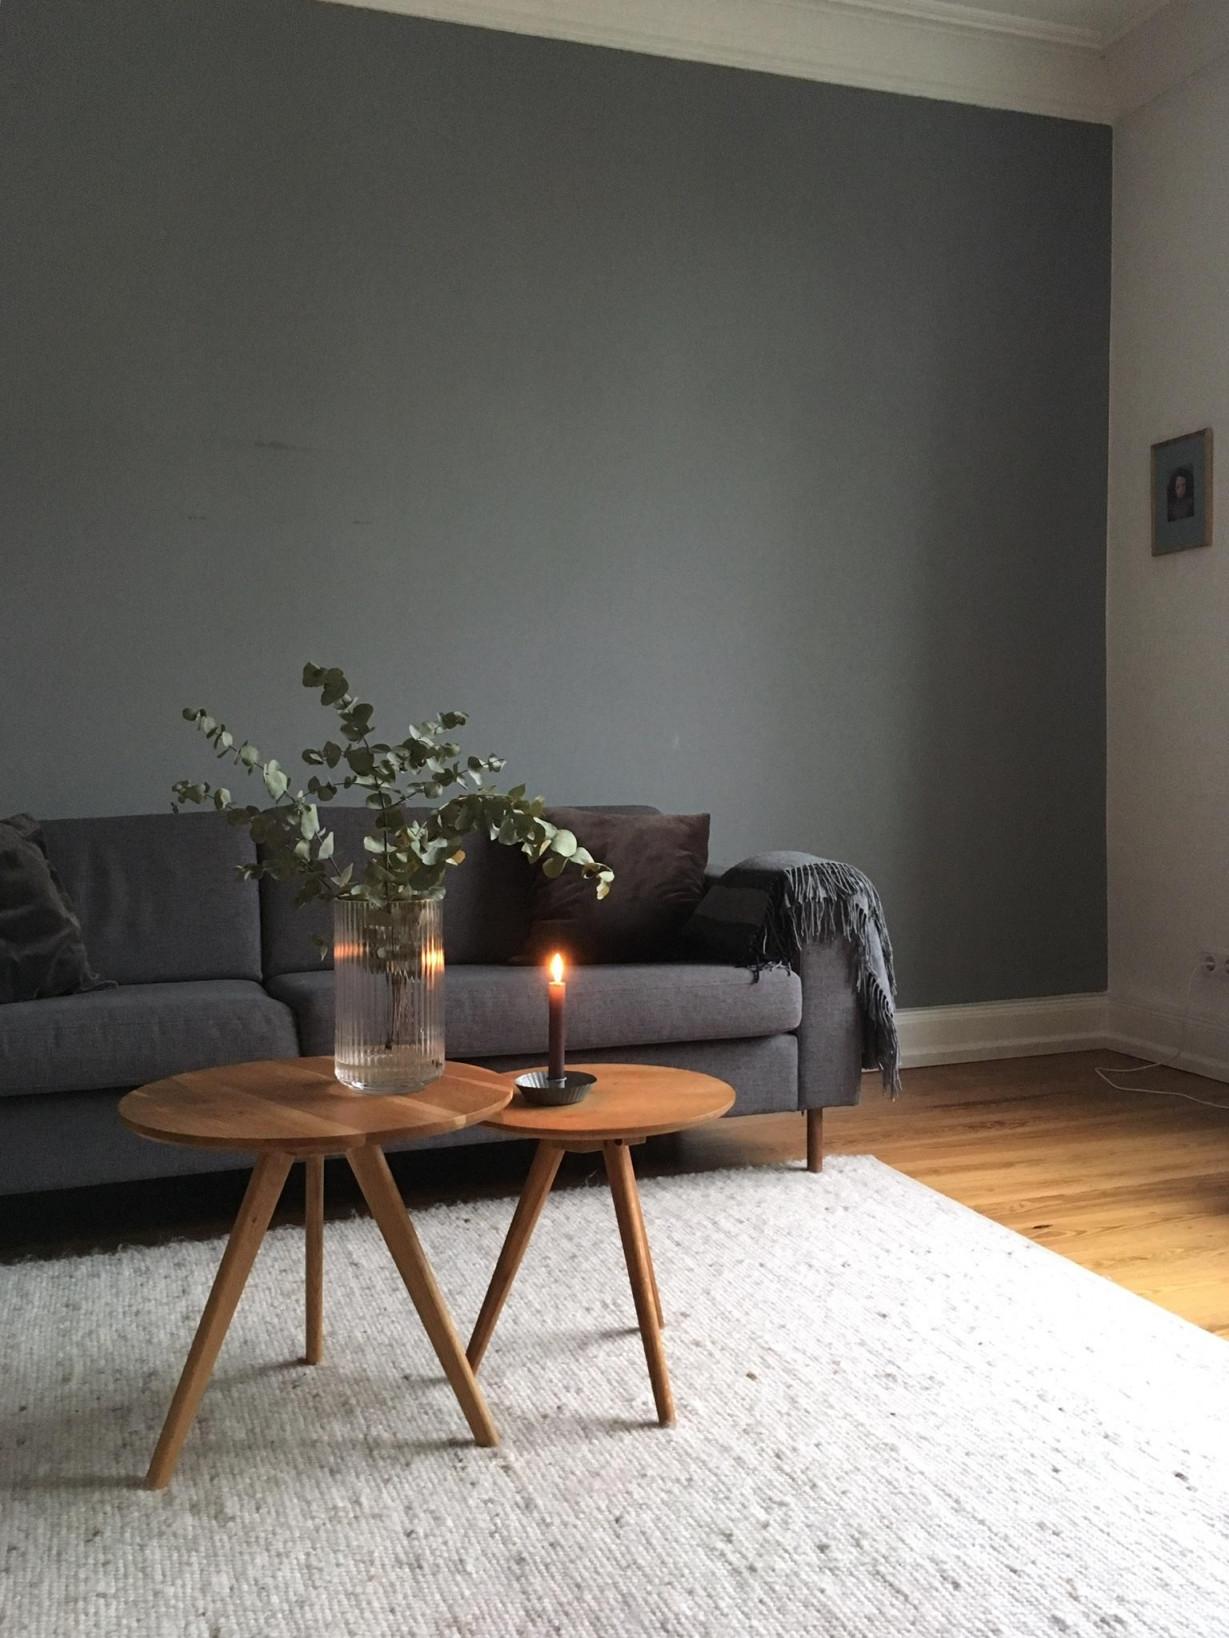 Minimalistisch Wohnen Reduzieren Befreit So Geht's von Wohnzimmer Ideen Minimalistisch Photo